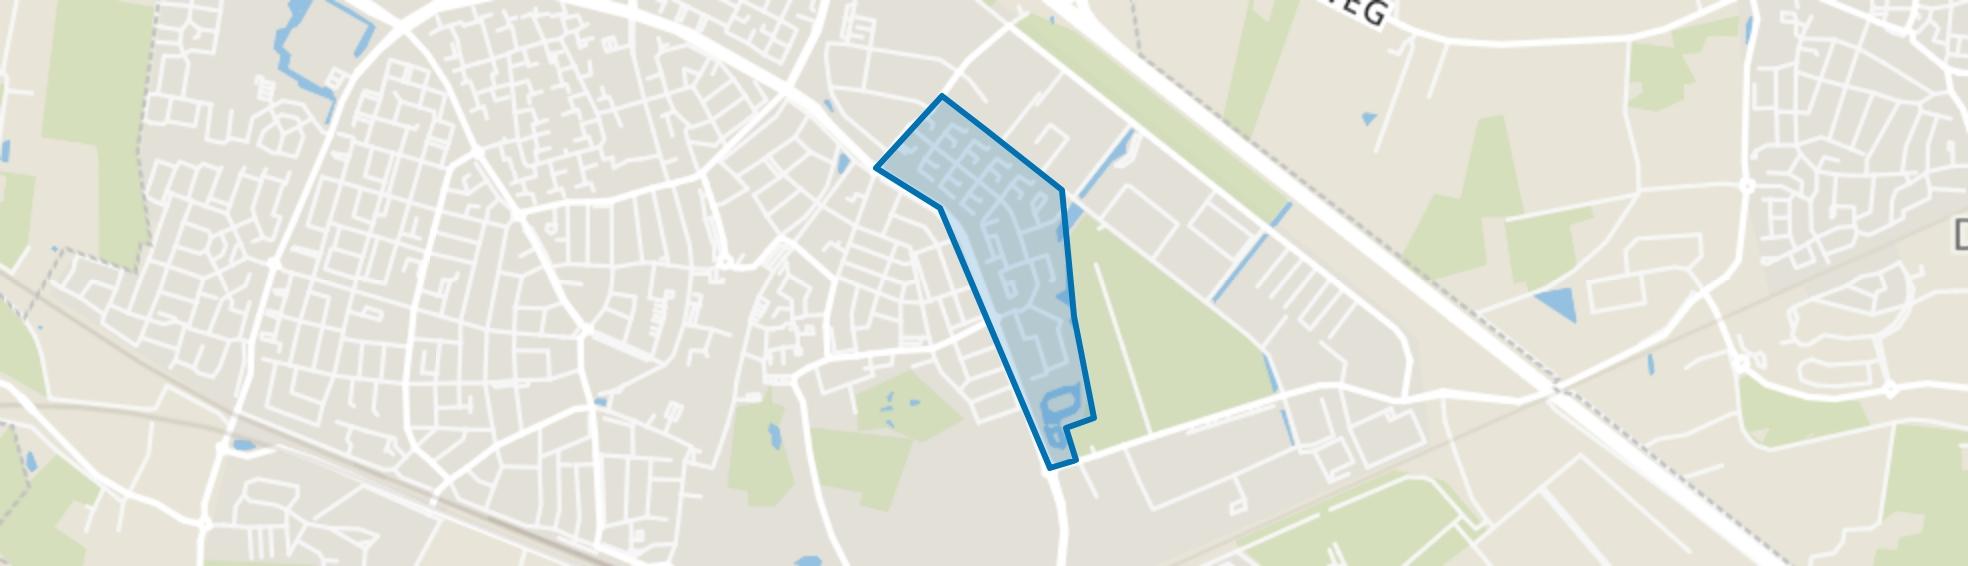 De Horst, Zevenaar map